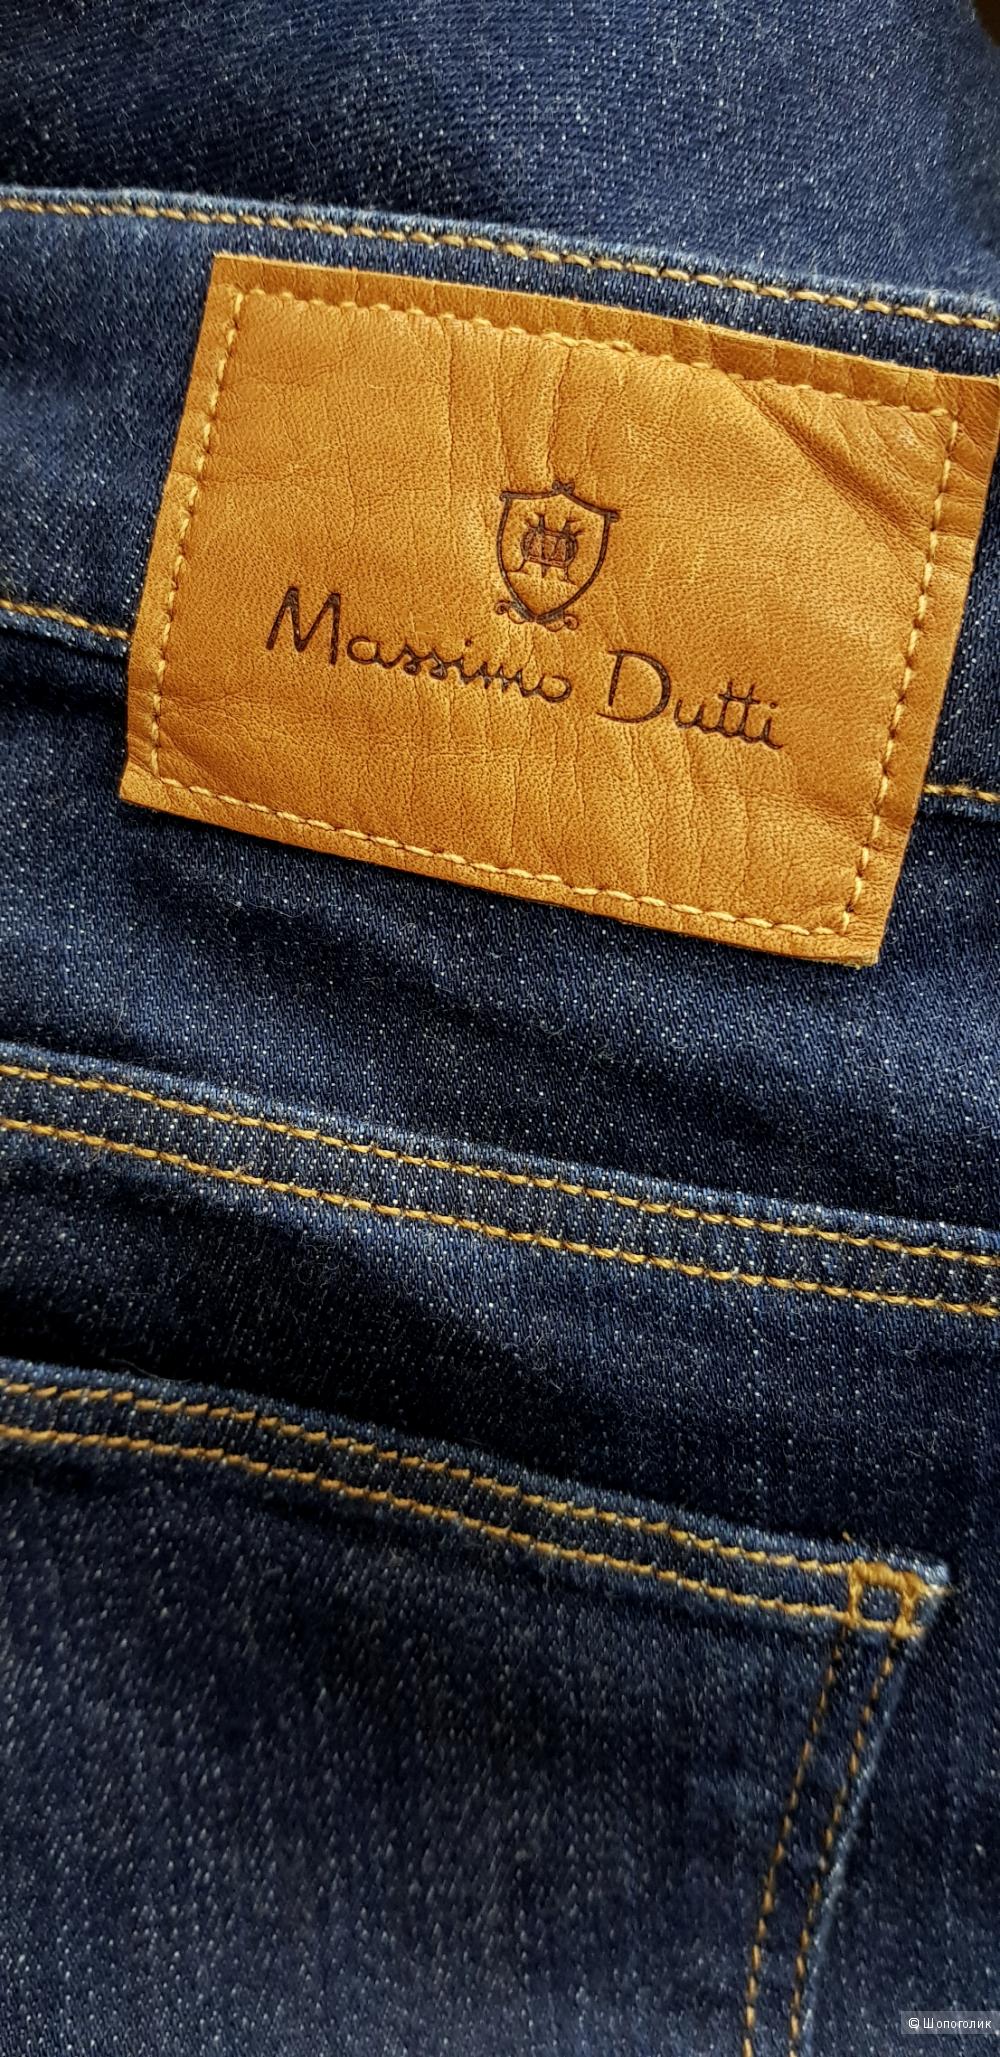 Джинсы.Massimo Dutti. 26/27